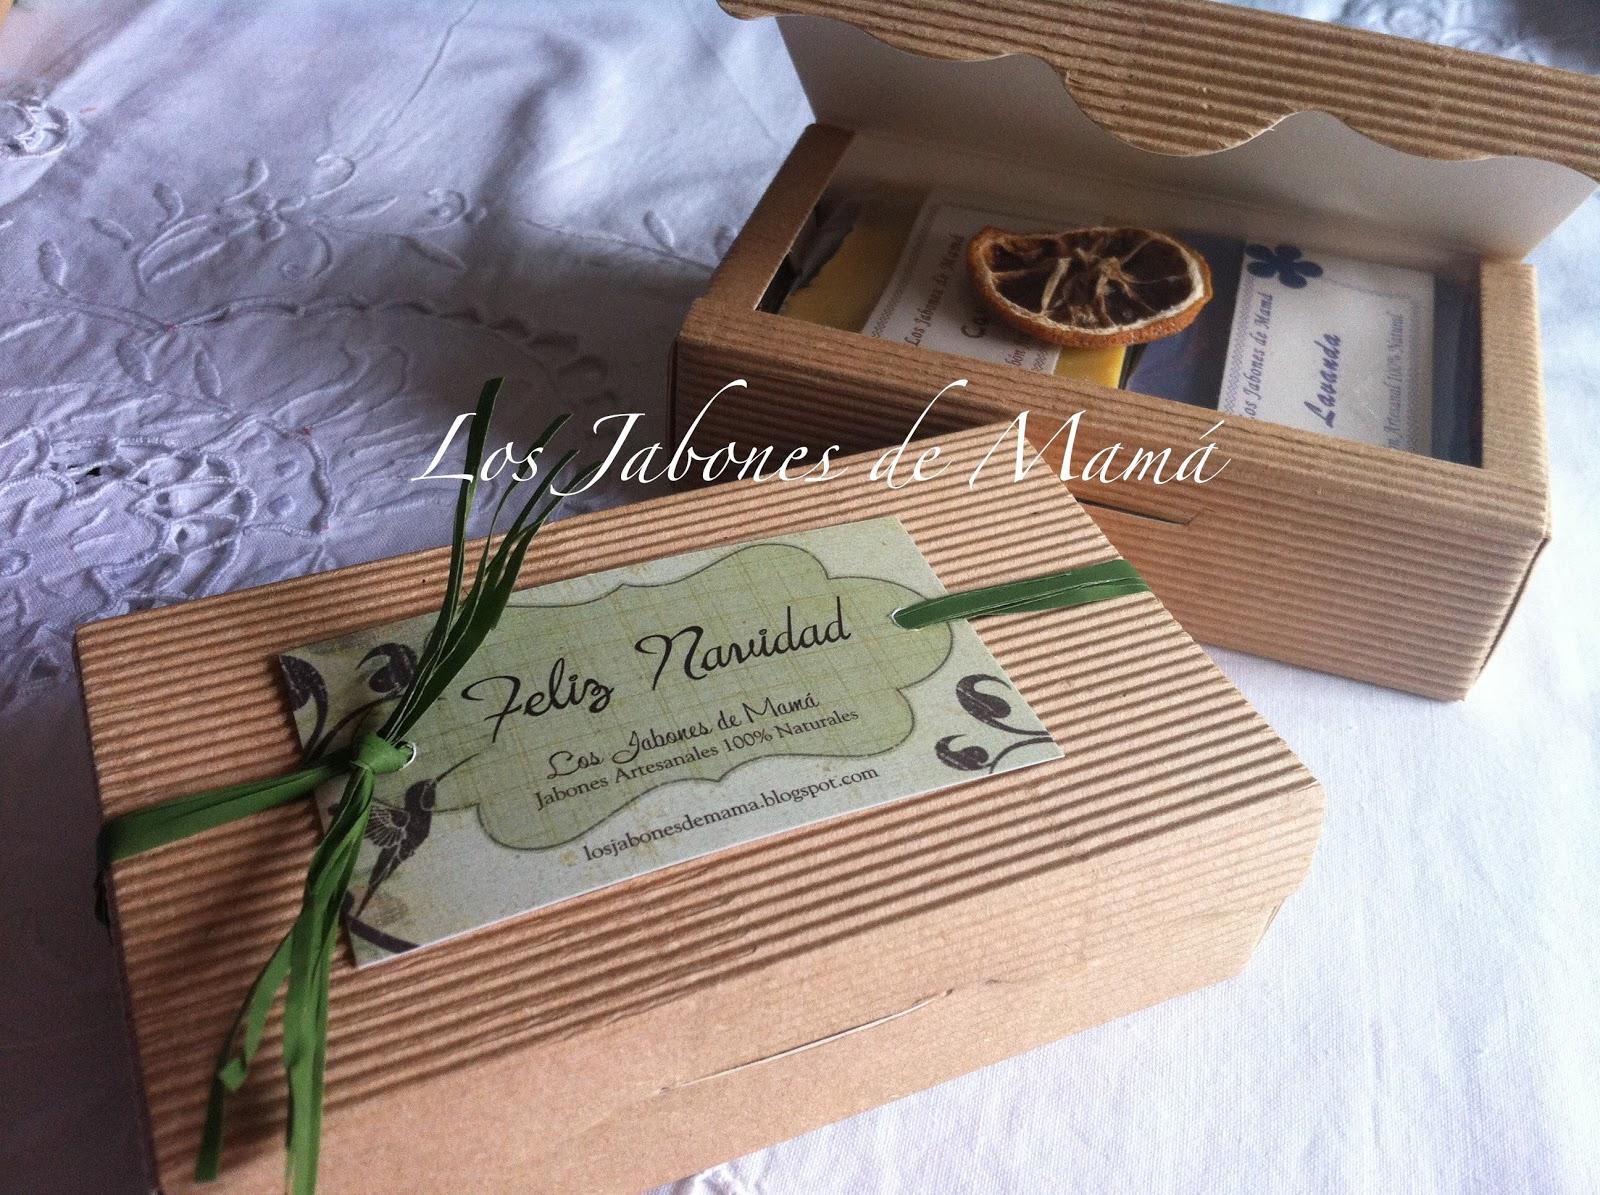 Los jabones de mam regalos de navidad caja cart n ondulado - Regalo navidad mama ...